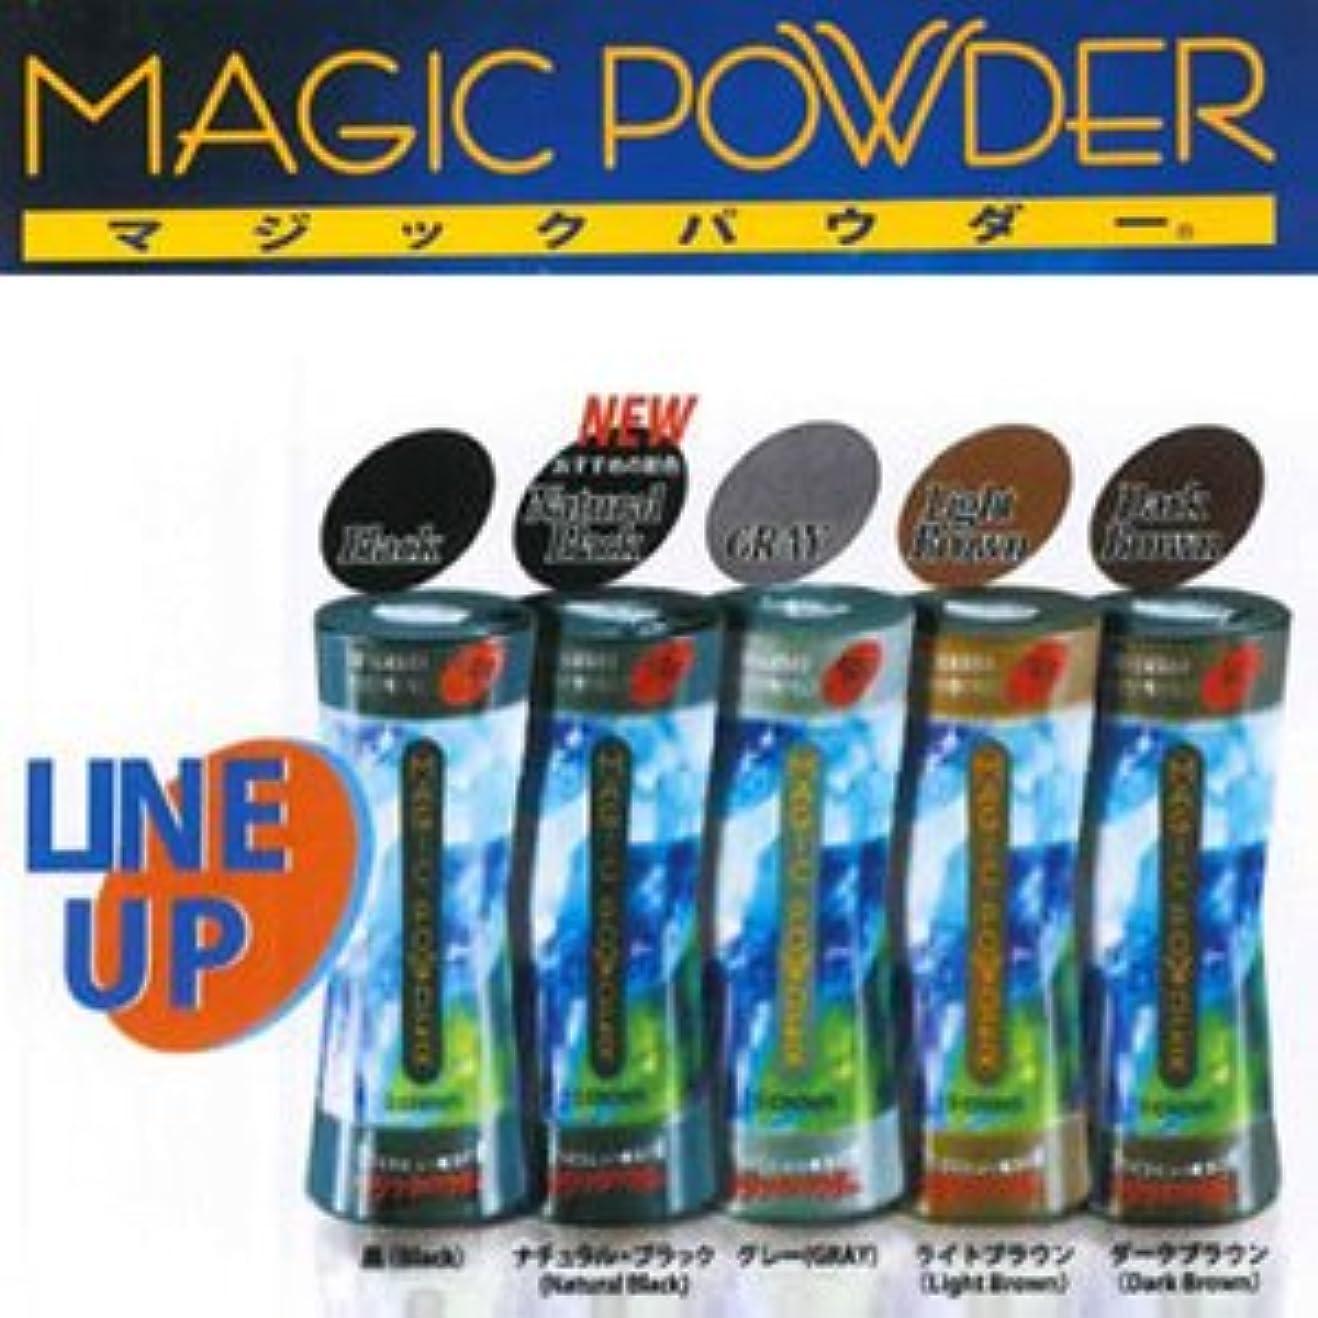 巻き戻すの慈悲で楽しむMAGIC POWDER マジックパウダー ライトブラウン 50g 2個セット ※貴方の髪を簡単ボリュームアップ!